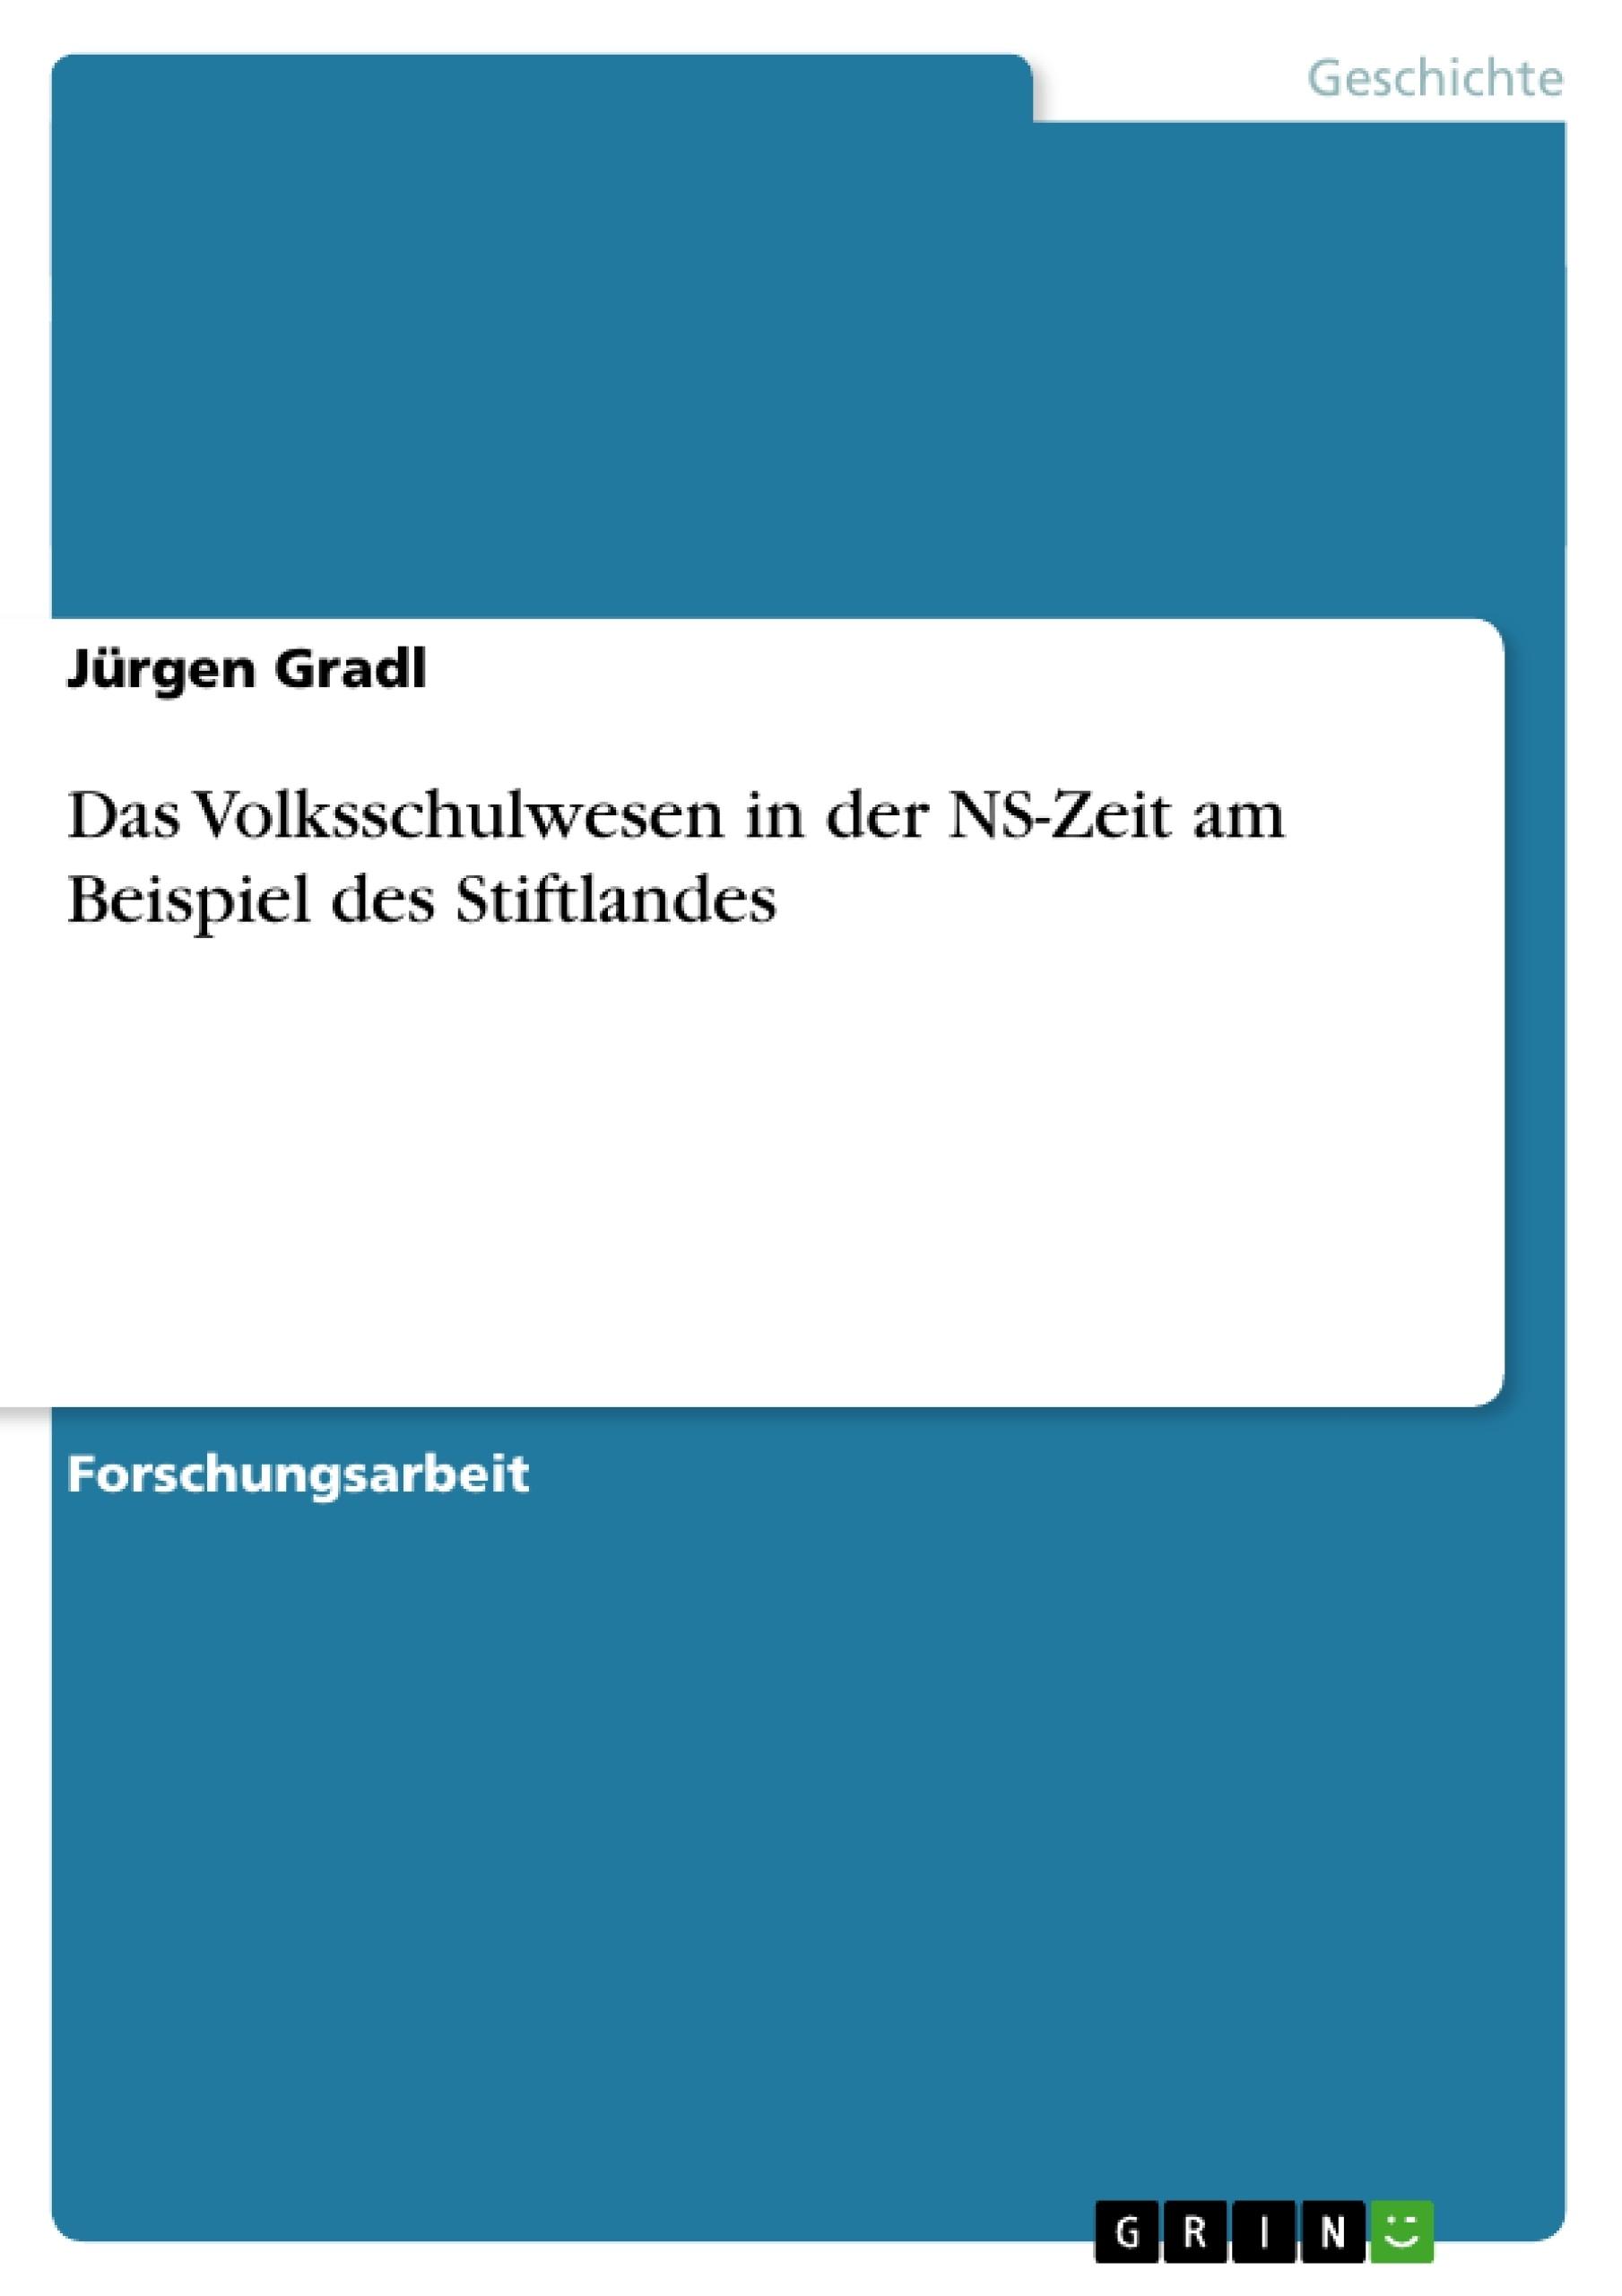 Titel: Das Volksschulwesen in der NS-Zeit am Beispiel des Stiftlandes